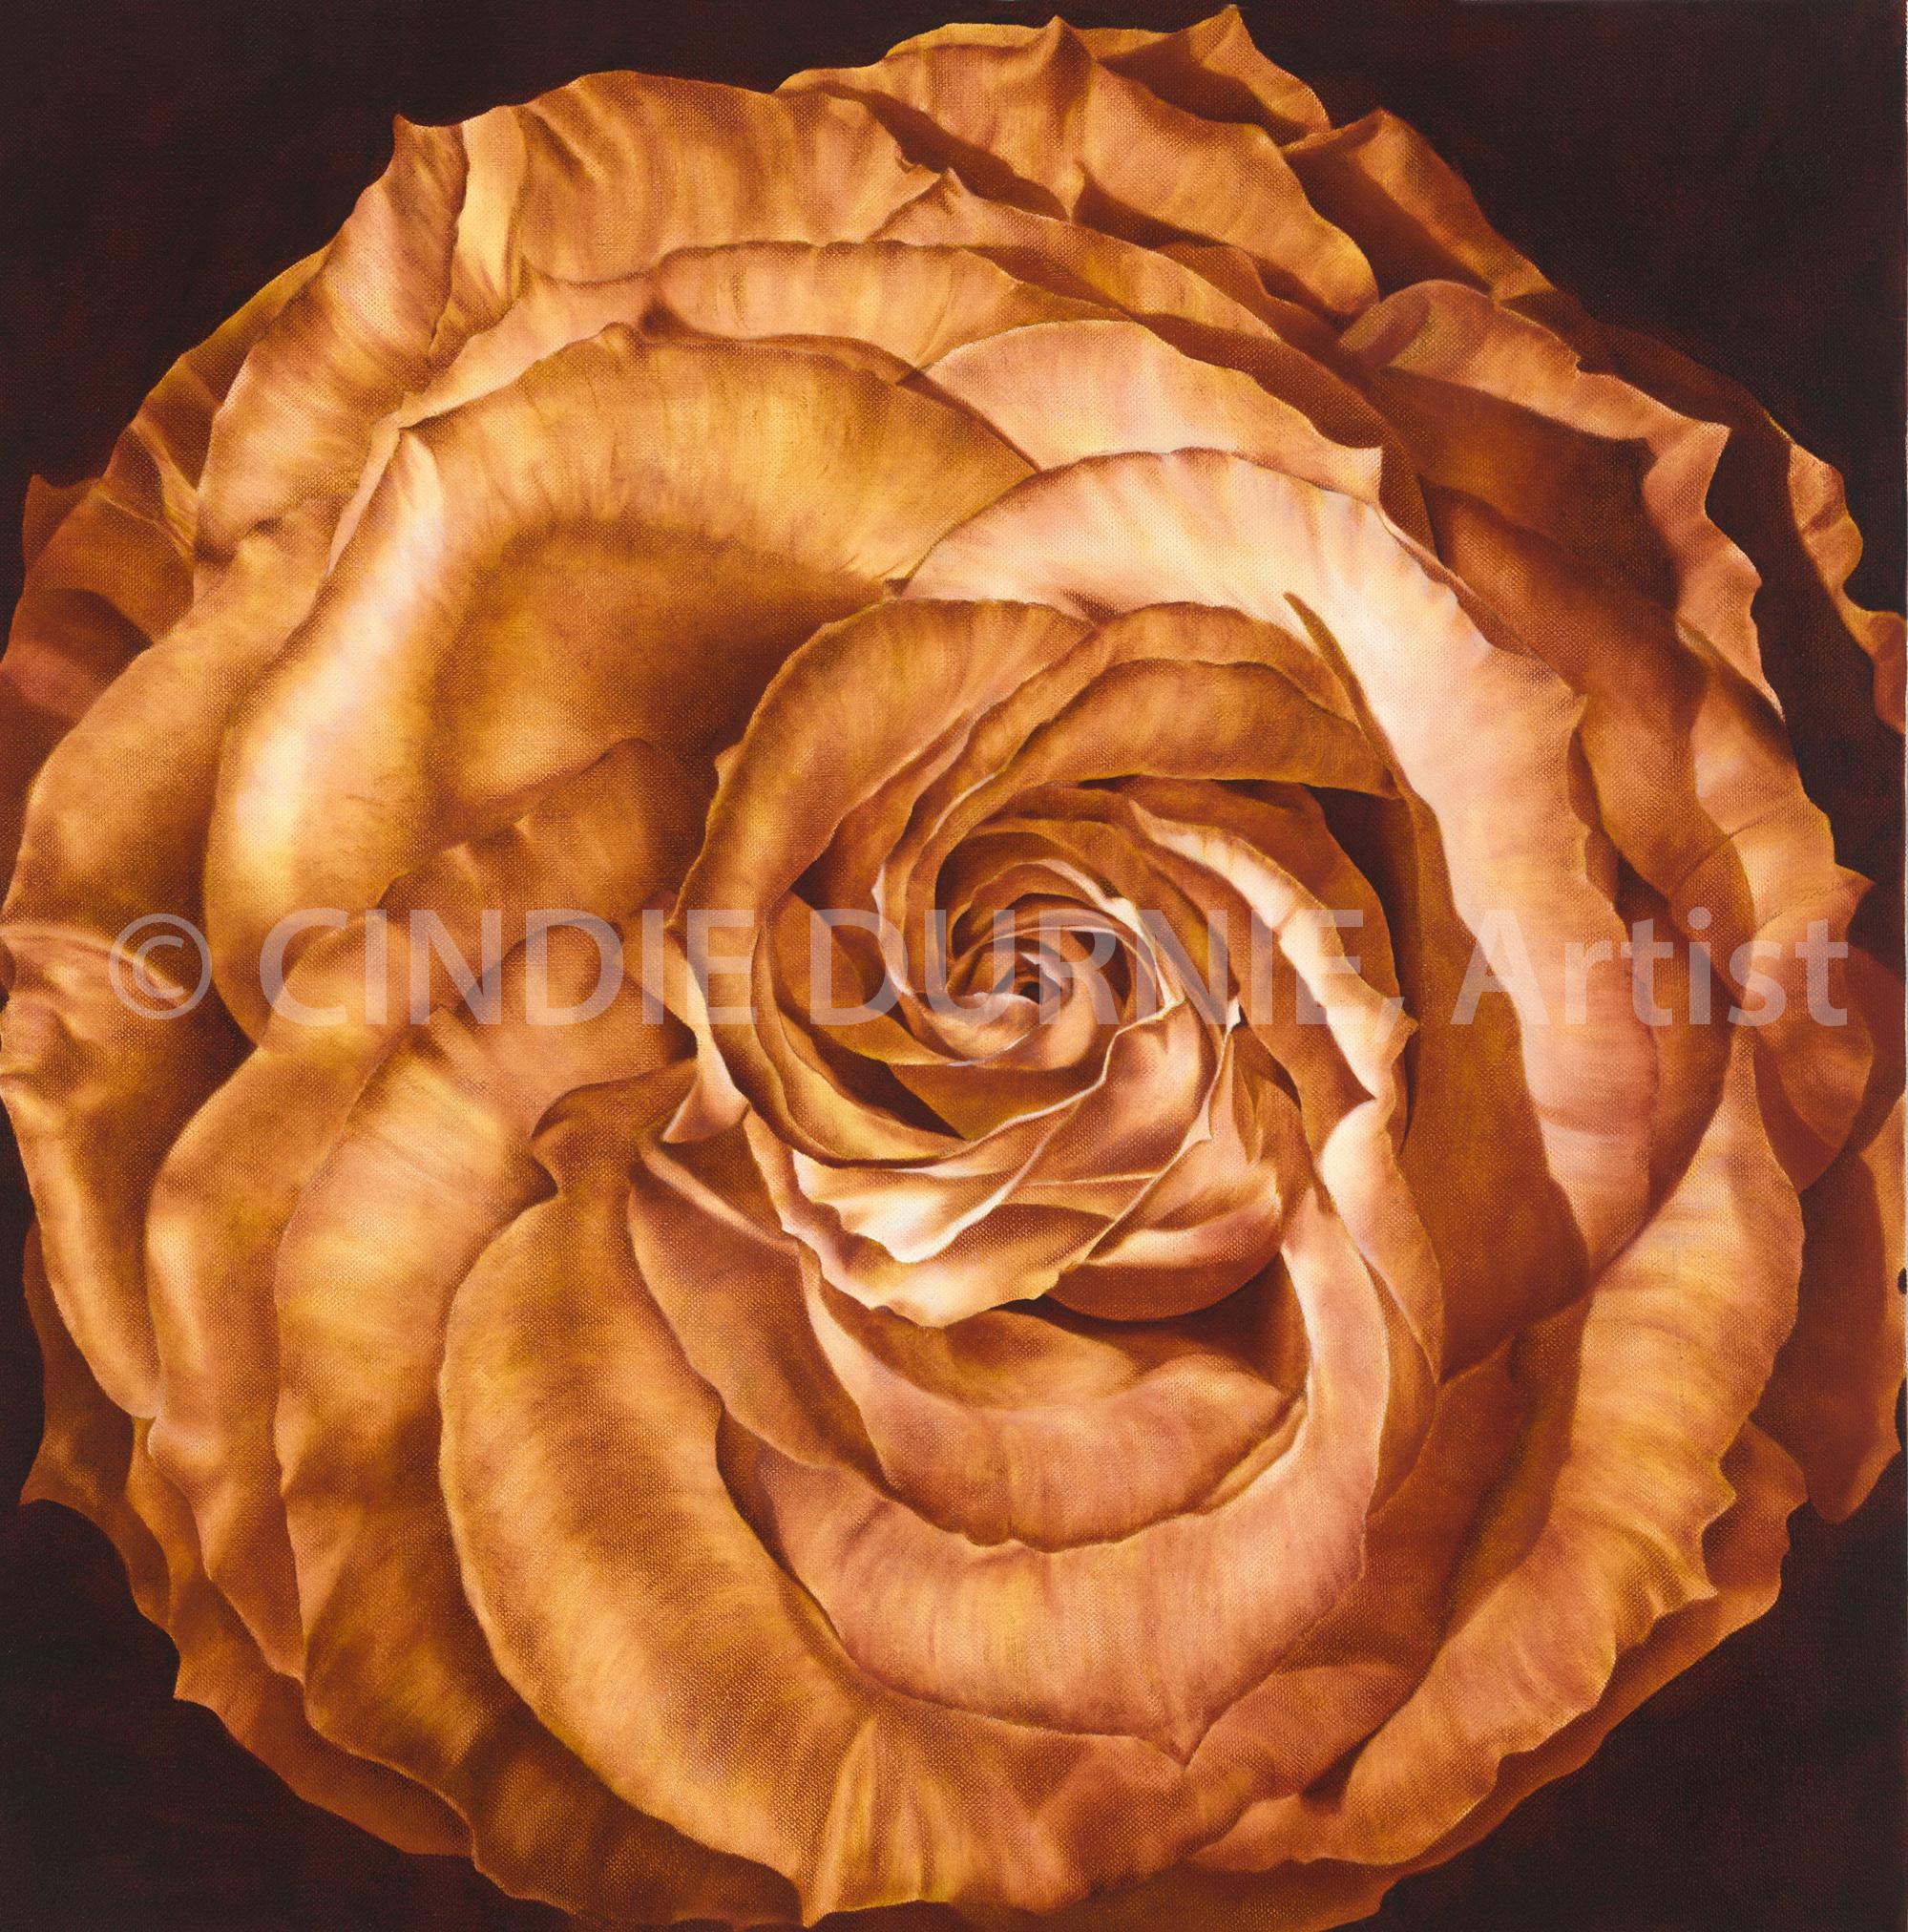 Rose Watermark.jpg